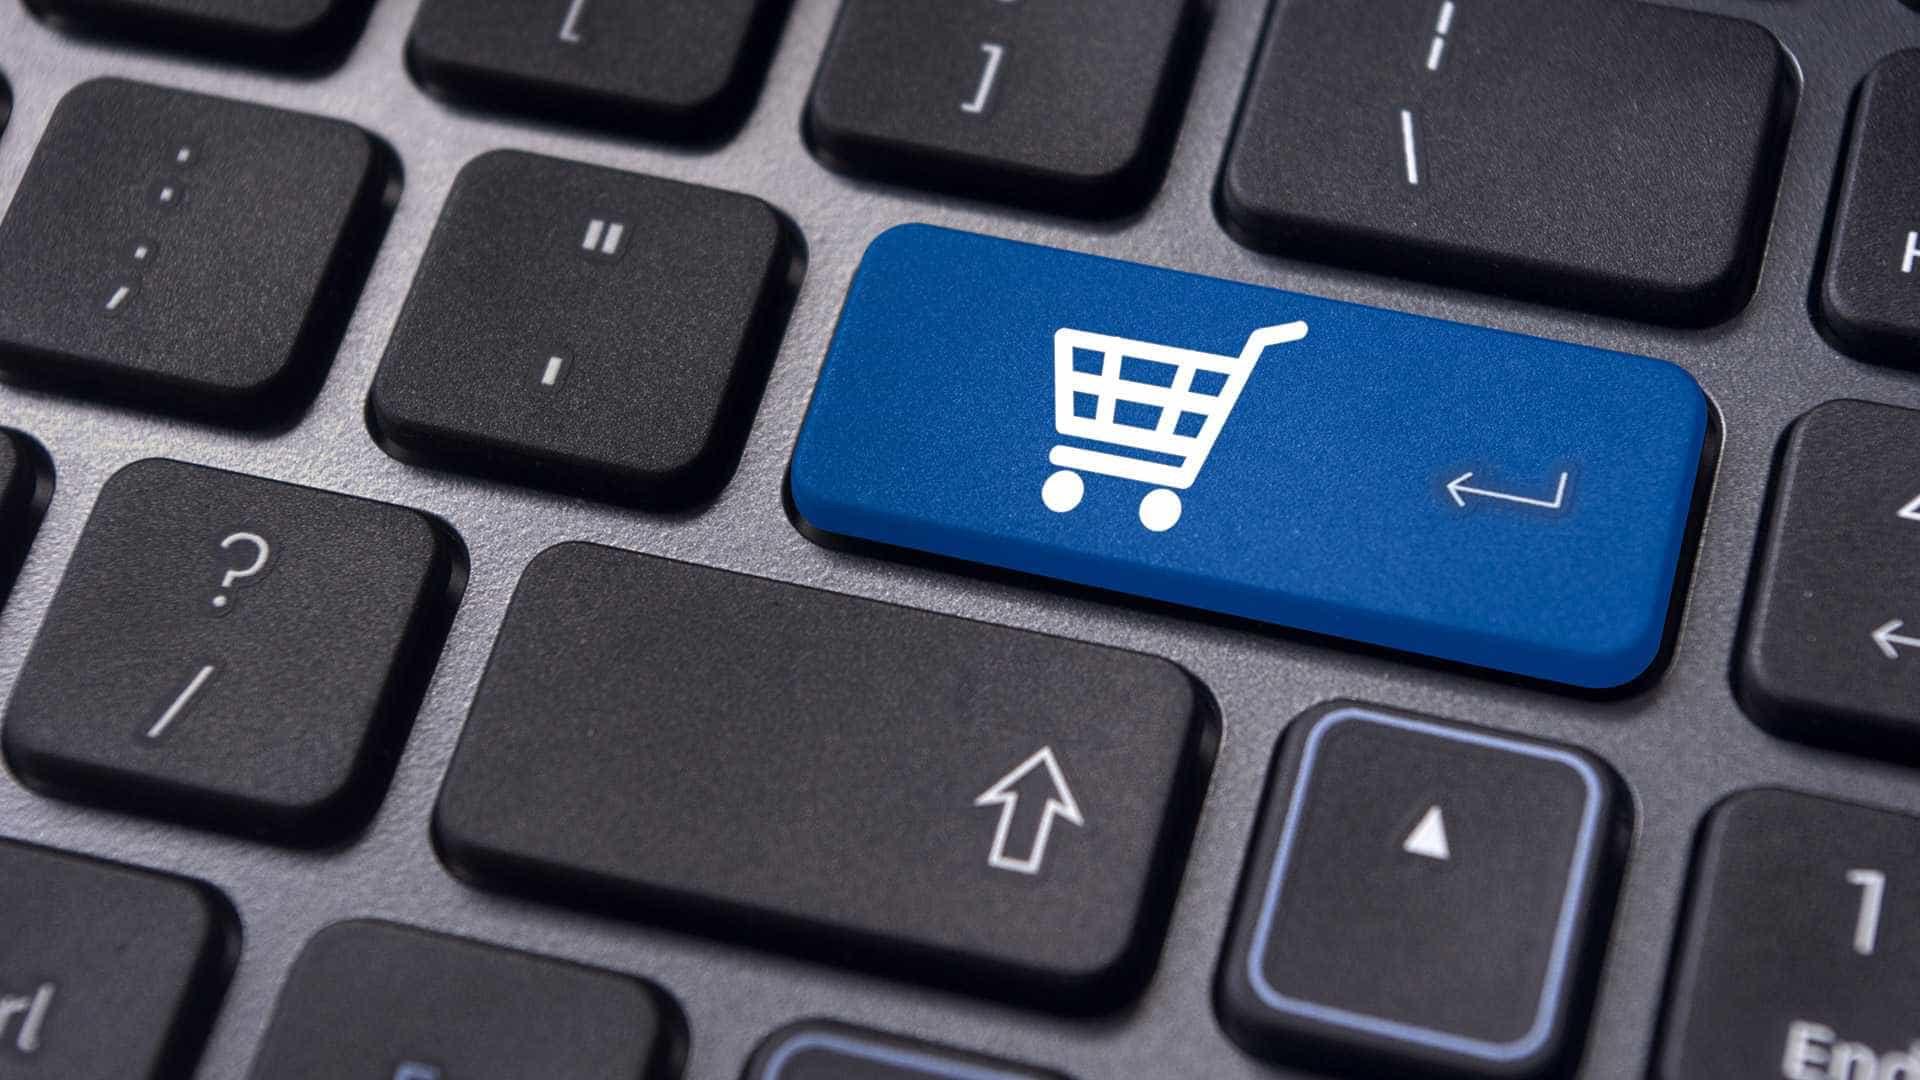 Faturamento do e-commerce no Dia dos Pais cresce 8%, para R$ 2,1 bi